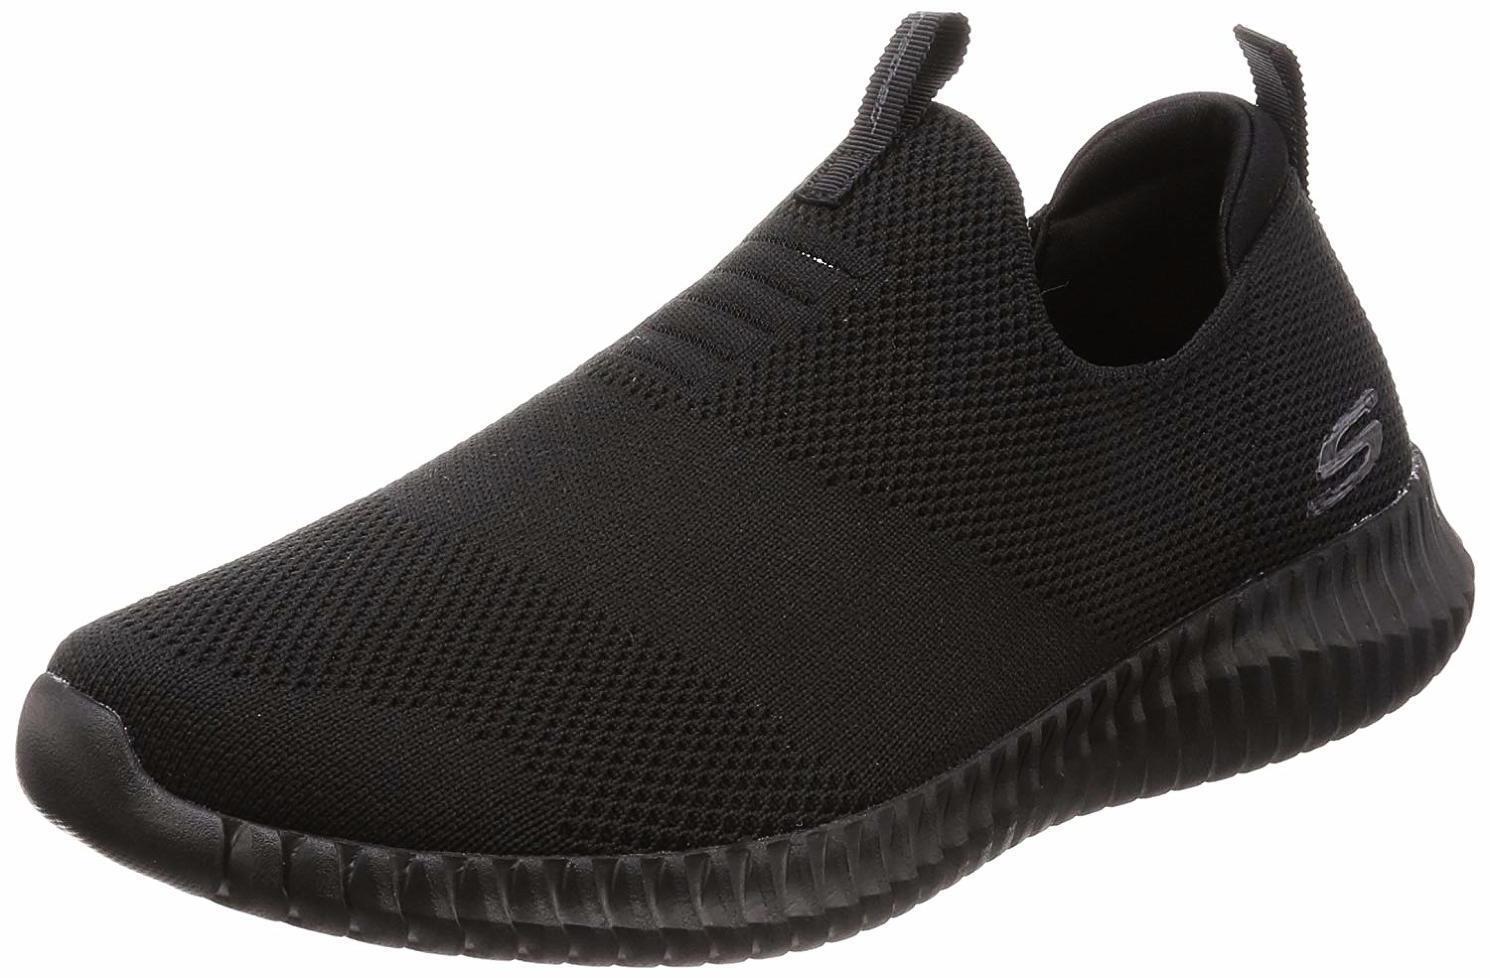 Skechers Men's Elite Flex Wasik Loafer - Choose SZ color